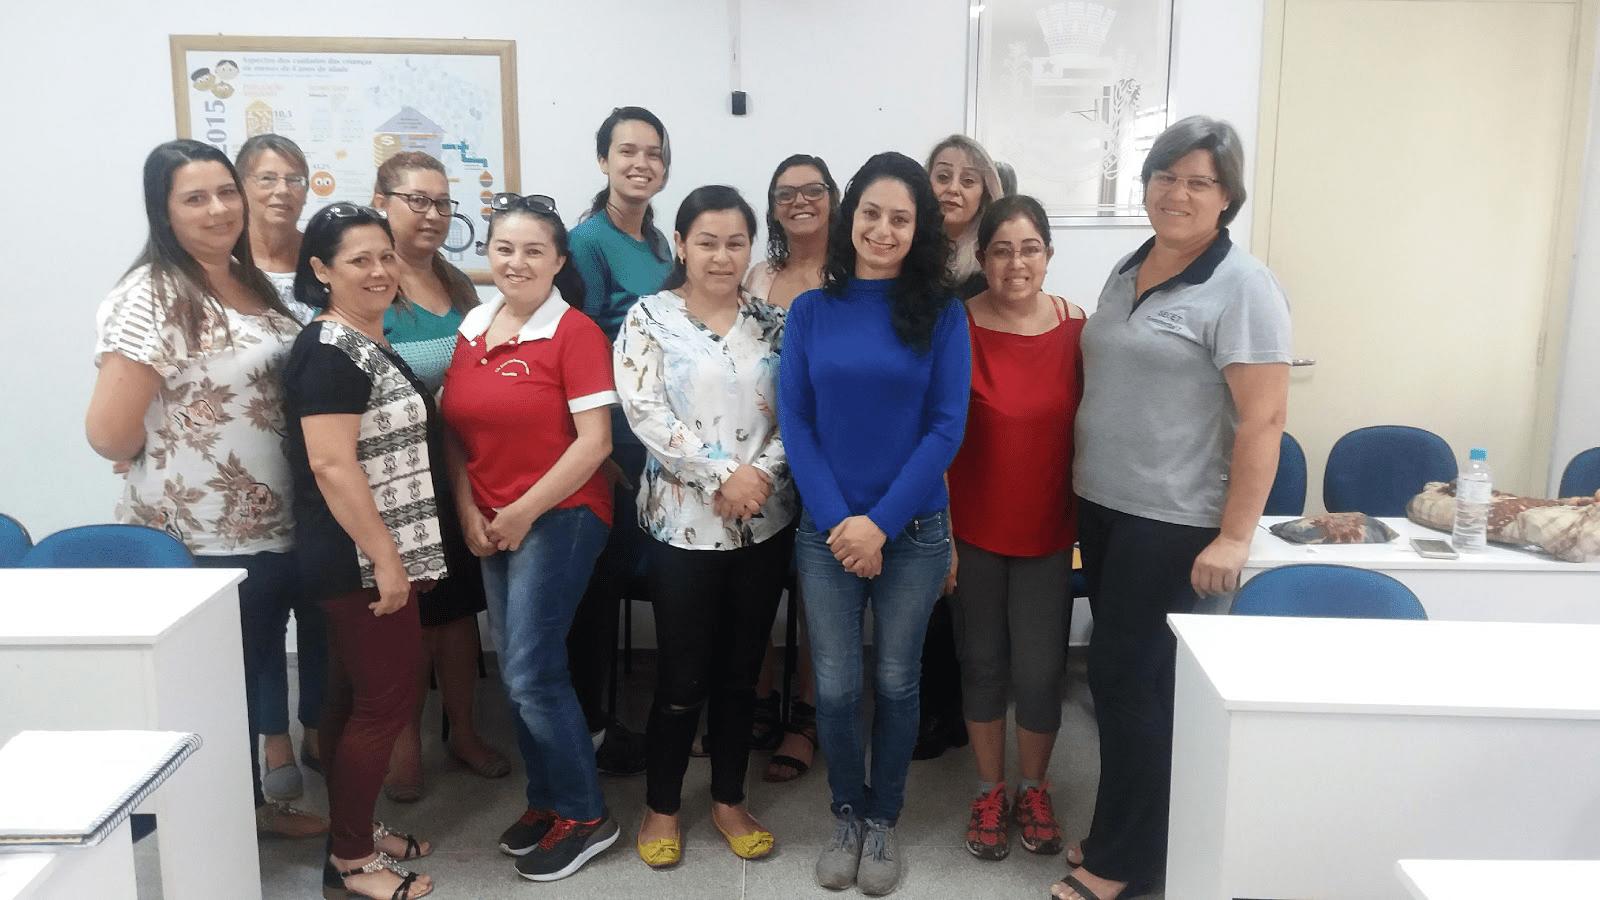 Prefeitura de Itararé (SP) promove curso 'Letramento e Produção de Textos' para professores da Rede Municipal de Ensino